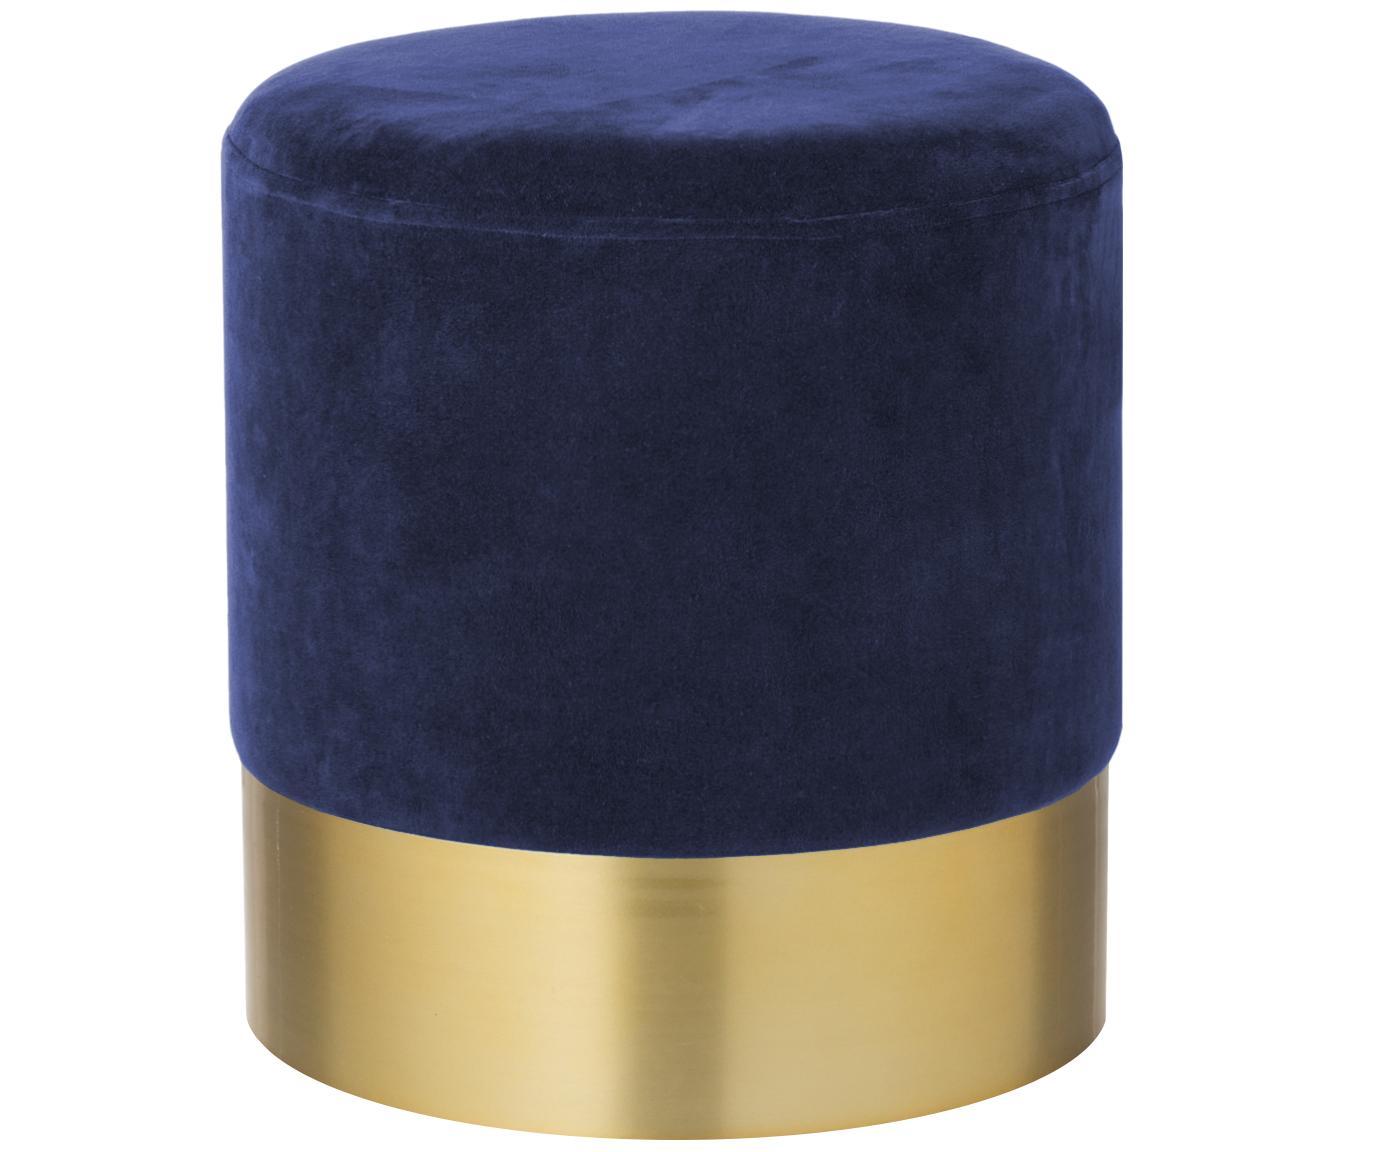 Pouf in velluto Harlow, Rivestimento: velluto di cotone, Blu navy, dorato, Ø 38 x Alt. 42 cm